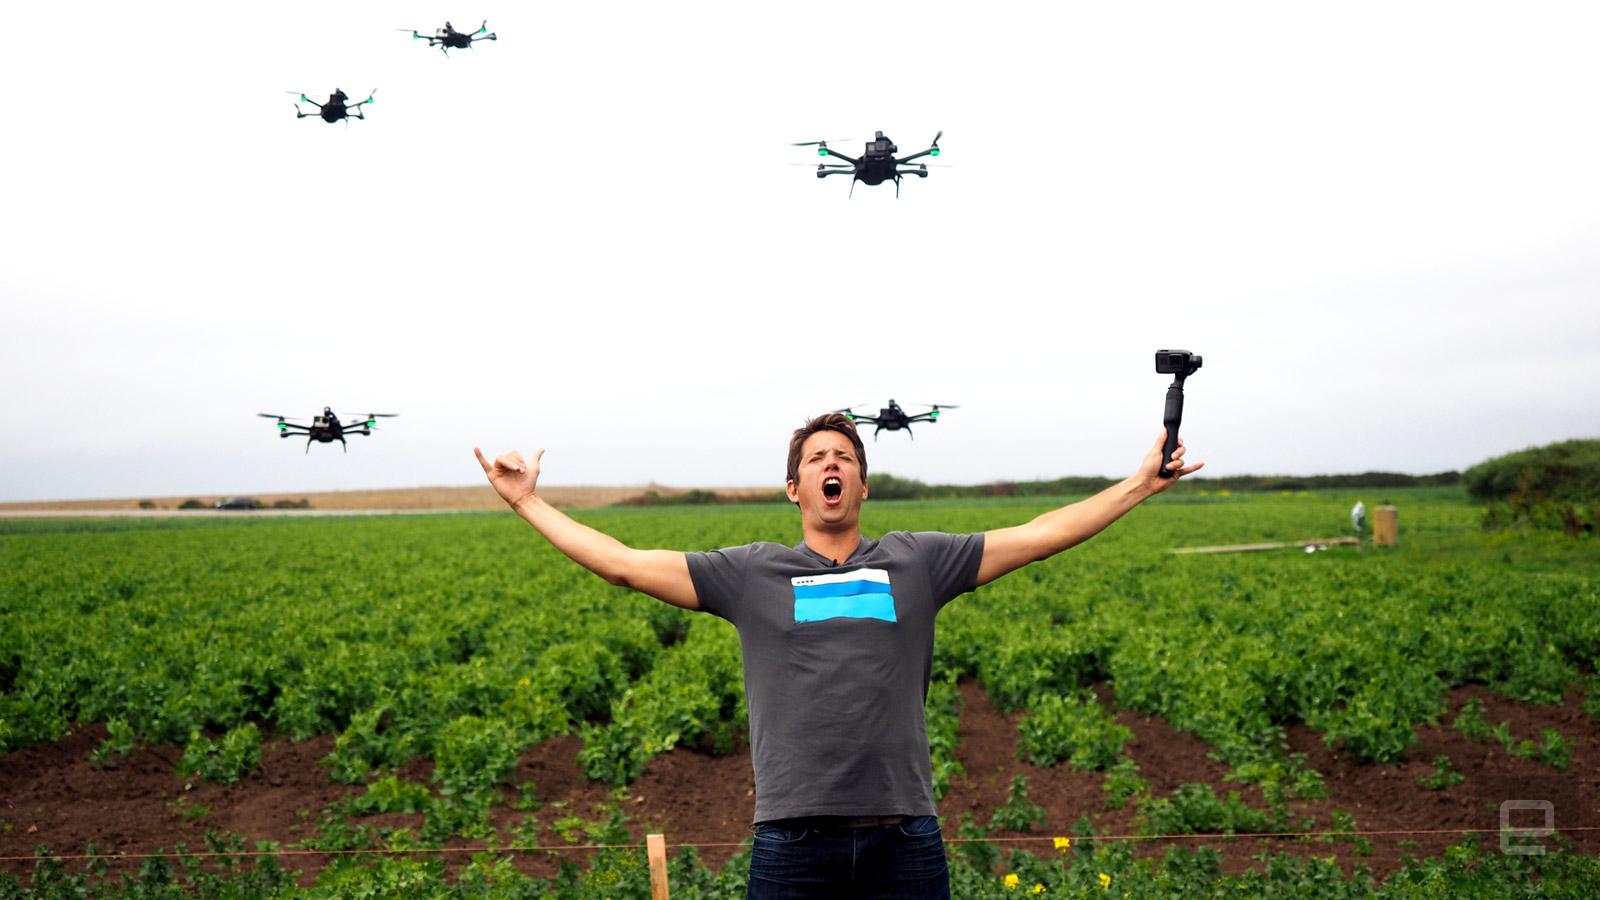 Comment Choisir Un Bon Drone Pour Faire De La Photo En Août 2020 ? pas cher